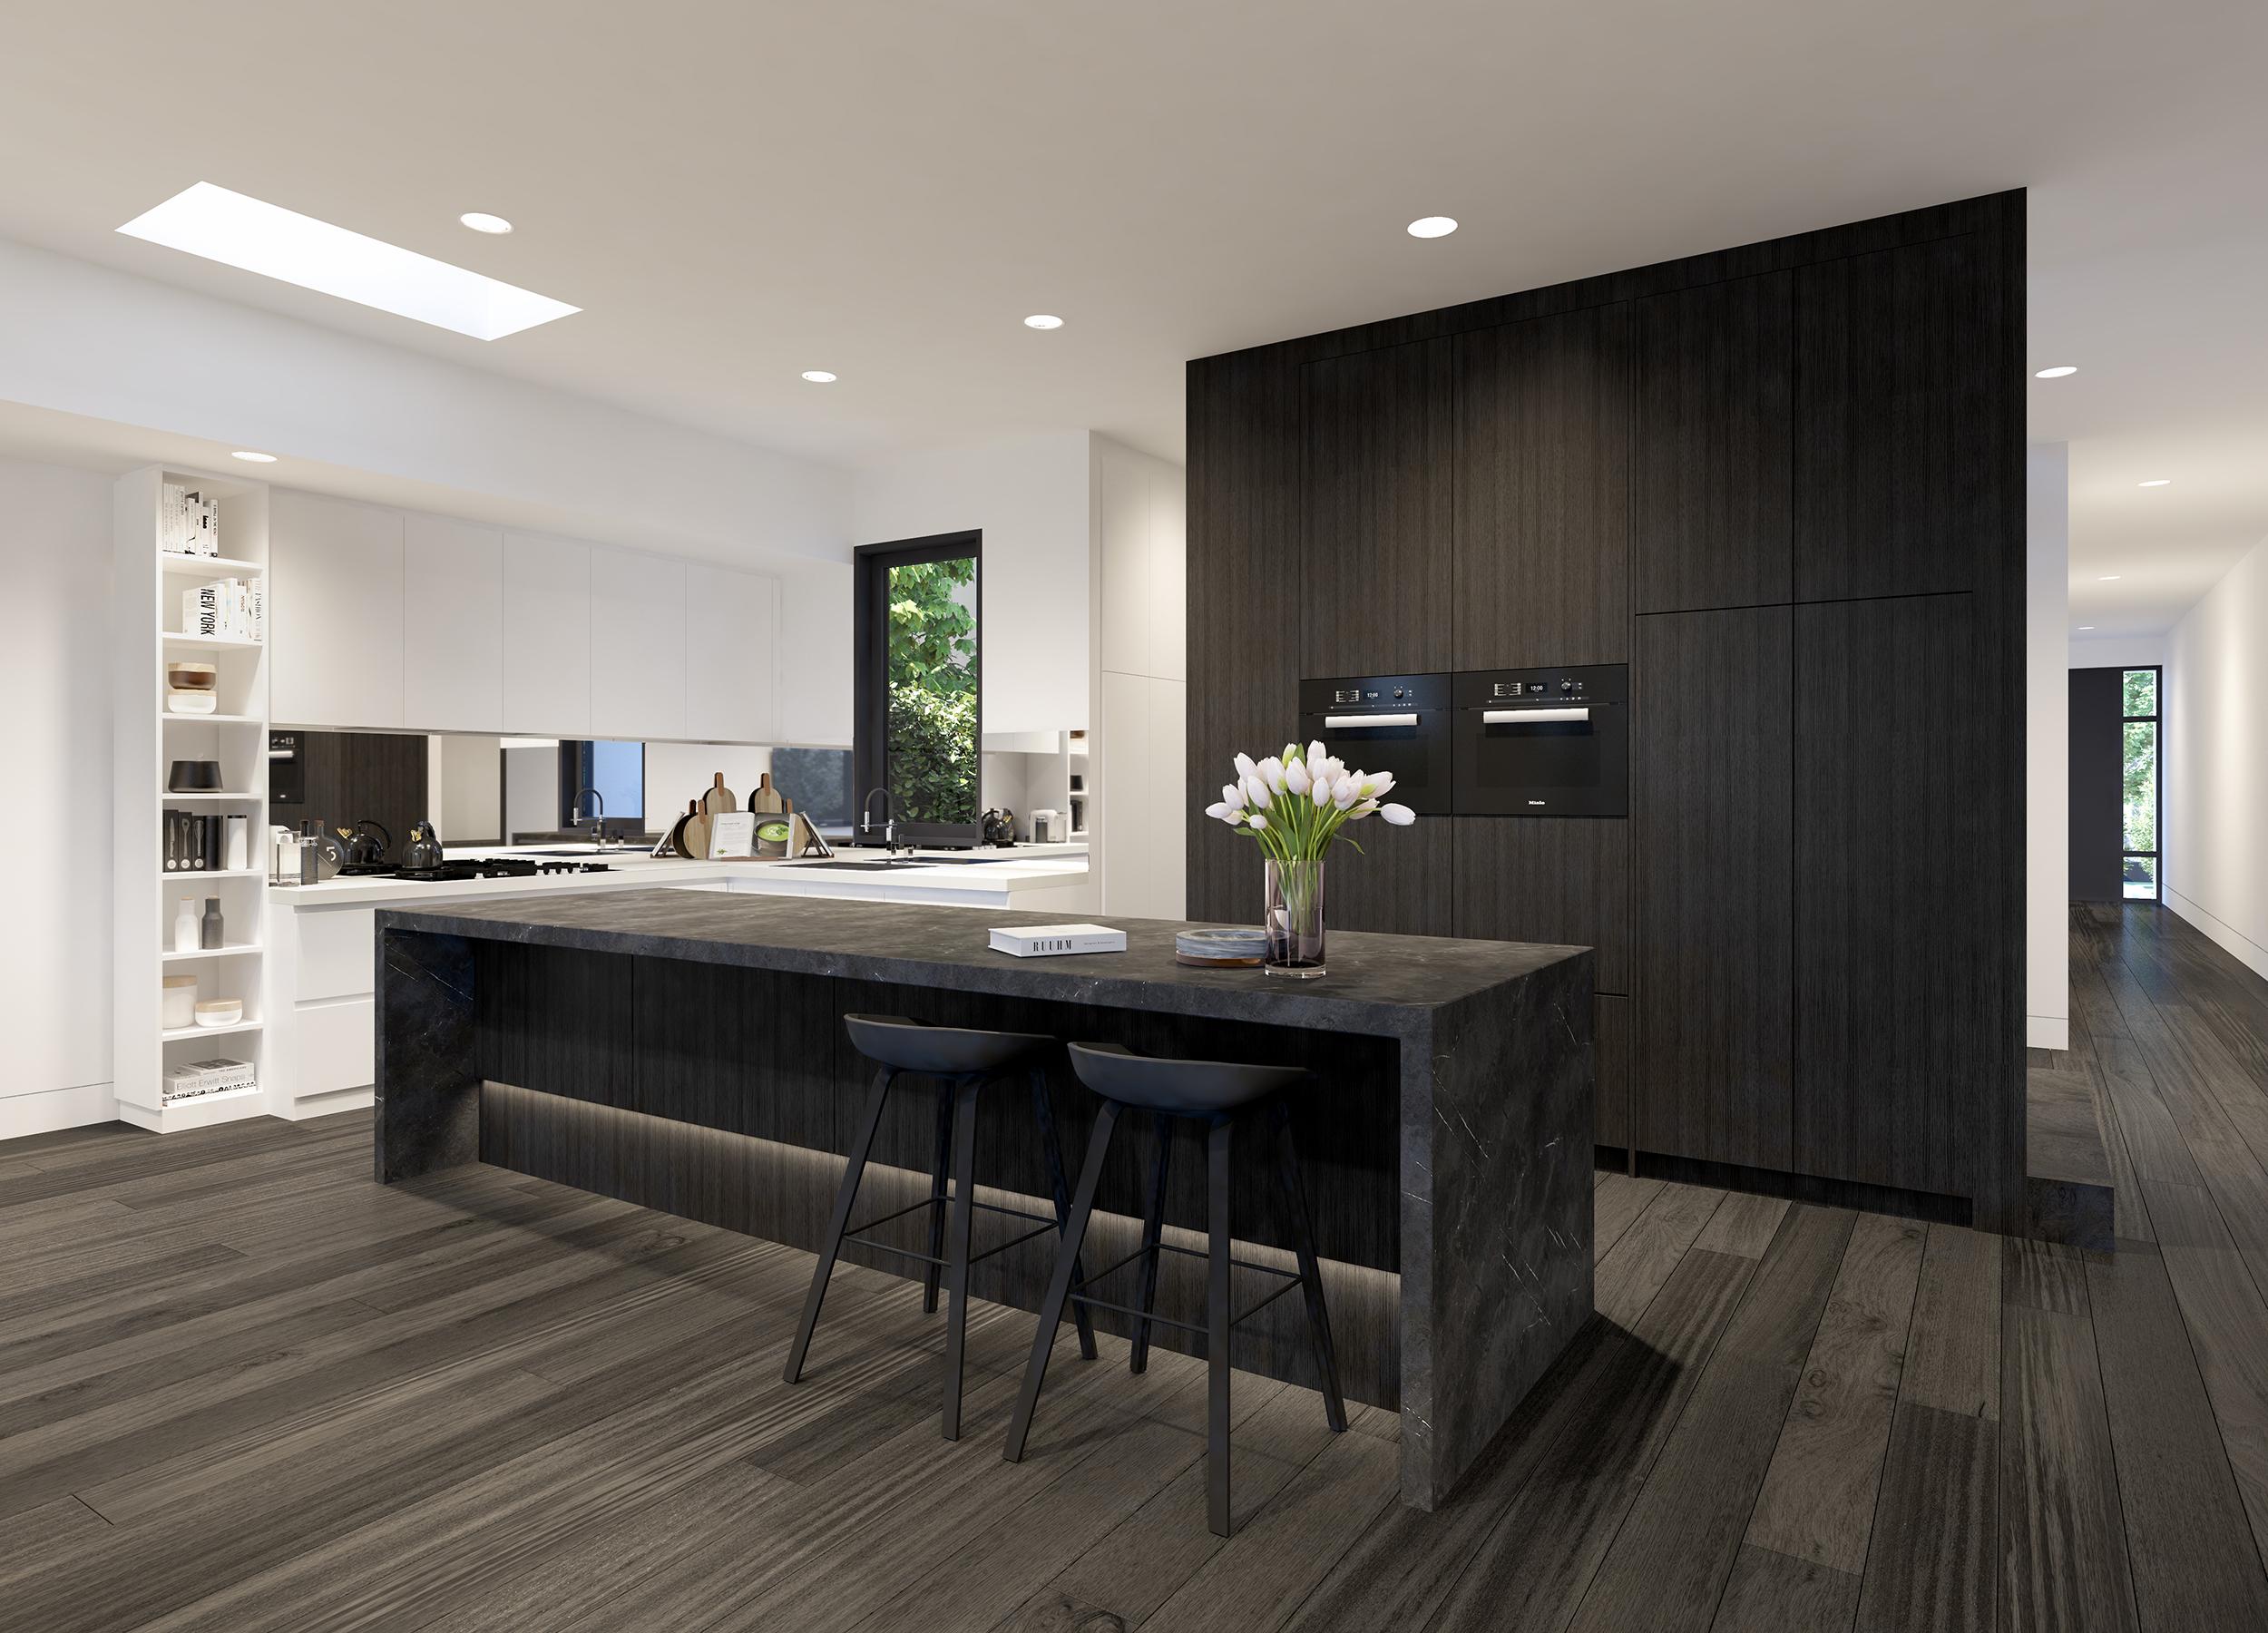 Regent St - Apartment 1 Kitchen MR.jpg